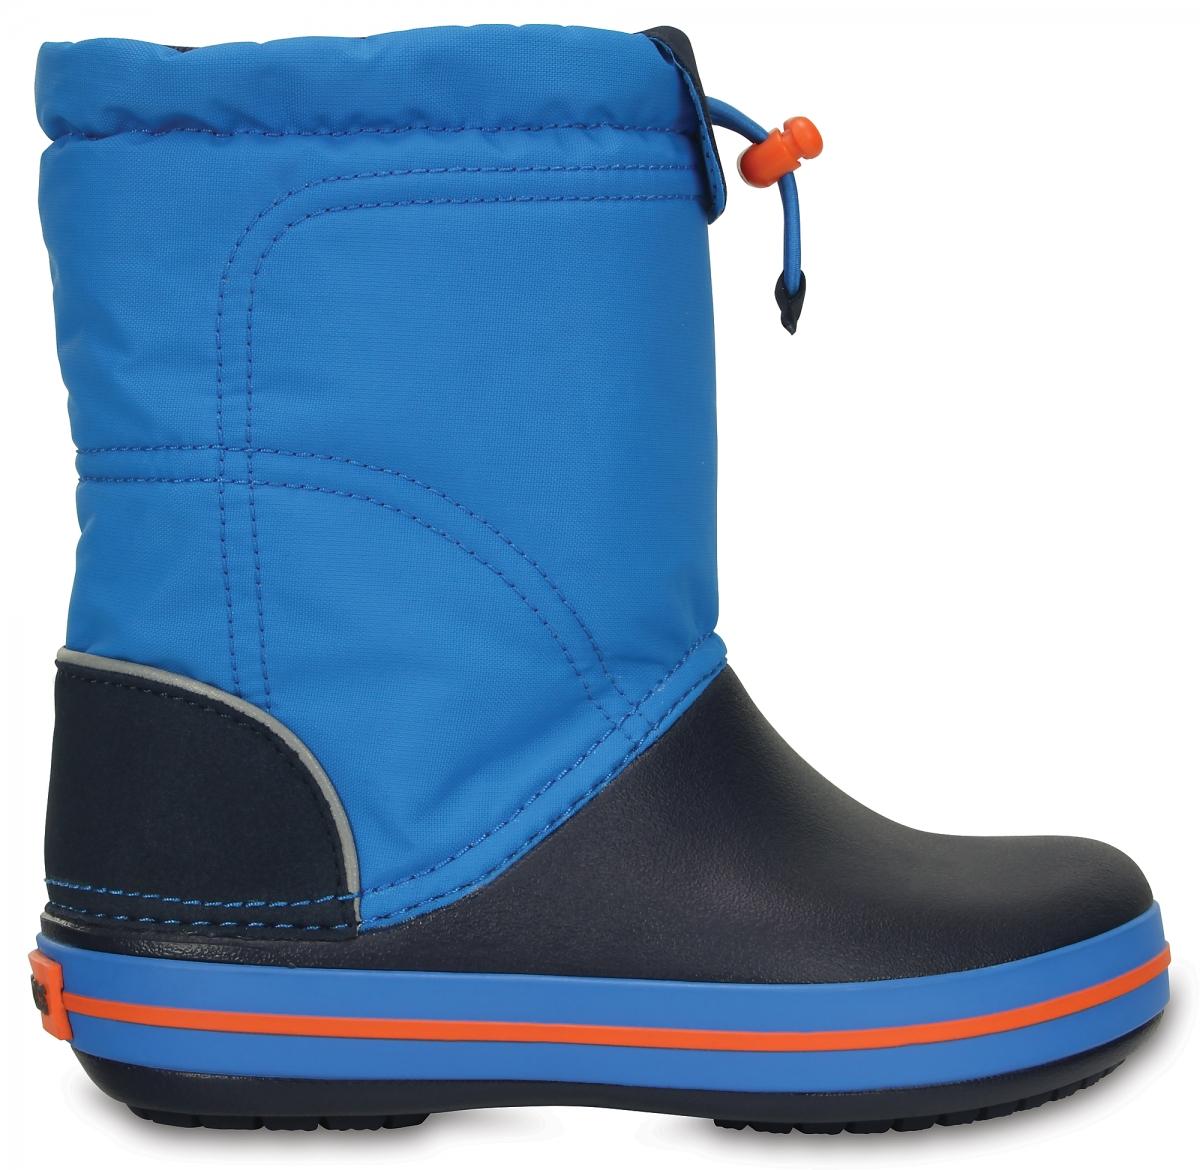 Crocs Crocband LodgePoint Boot Kids - Ocean/Navy, C10 (27-28)